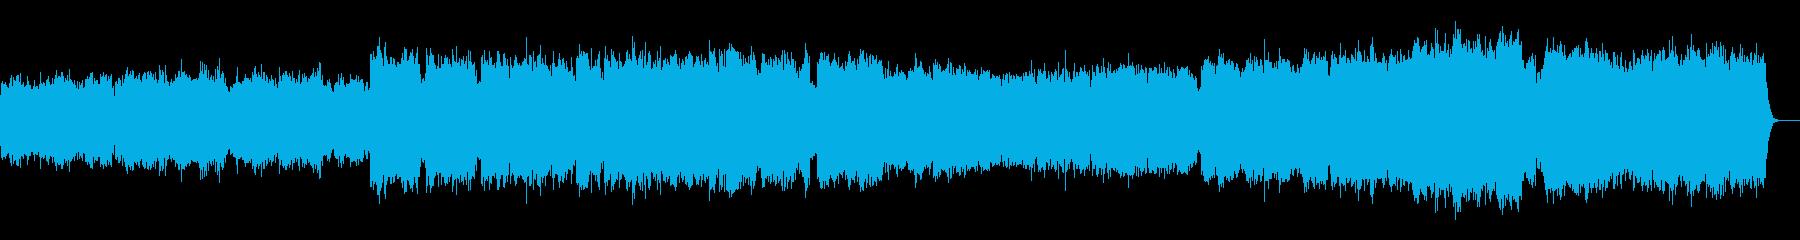 ファゴットの音色を活かした音楽ですの再生済みの波形